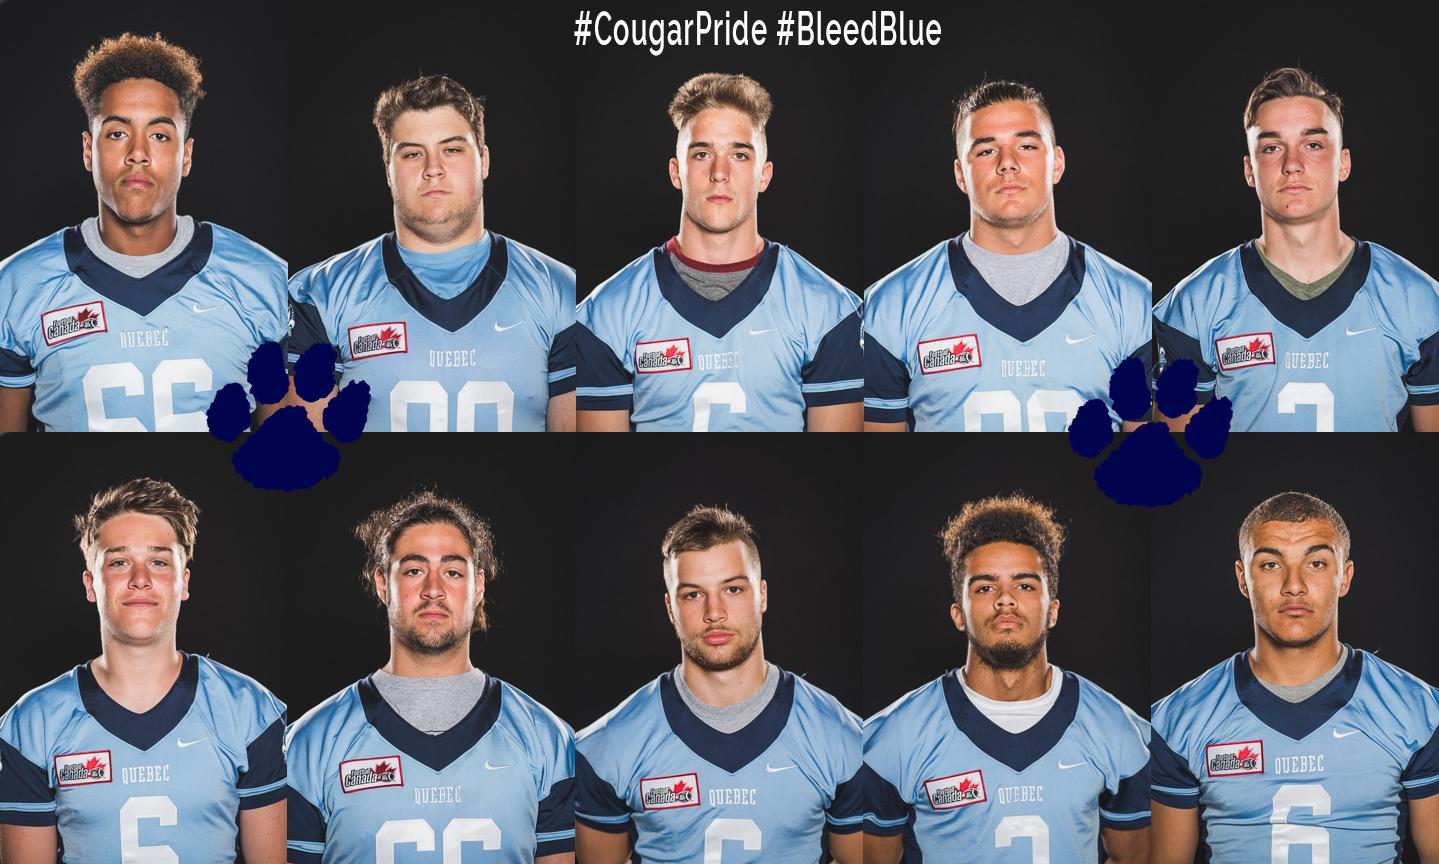 TeamQuebec-Cougars